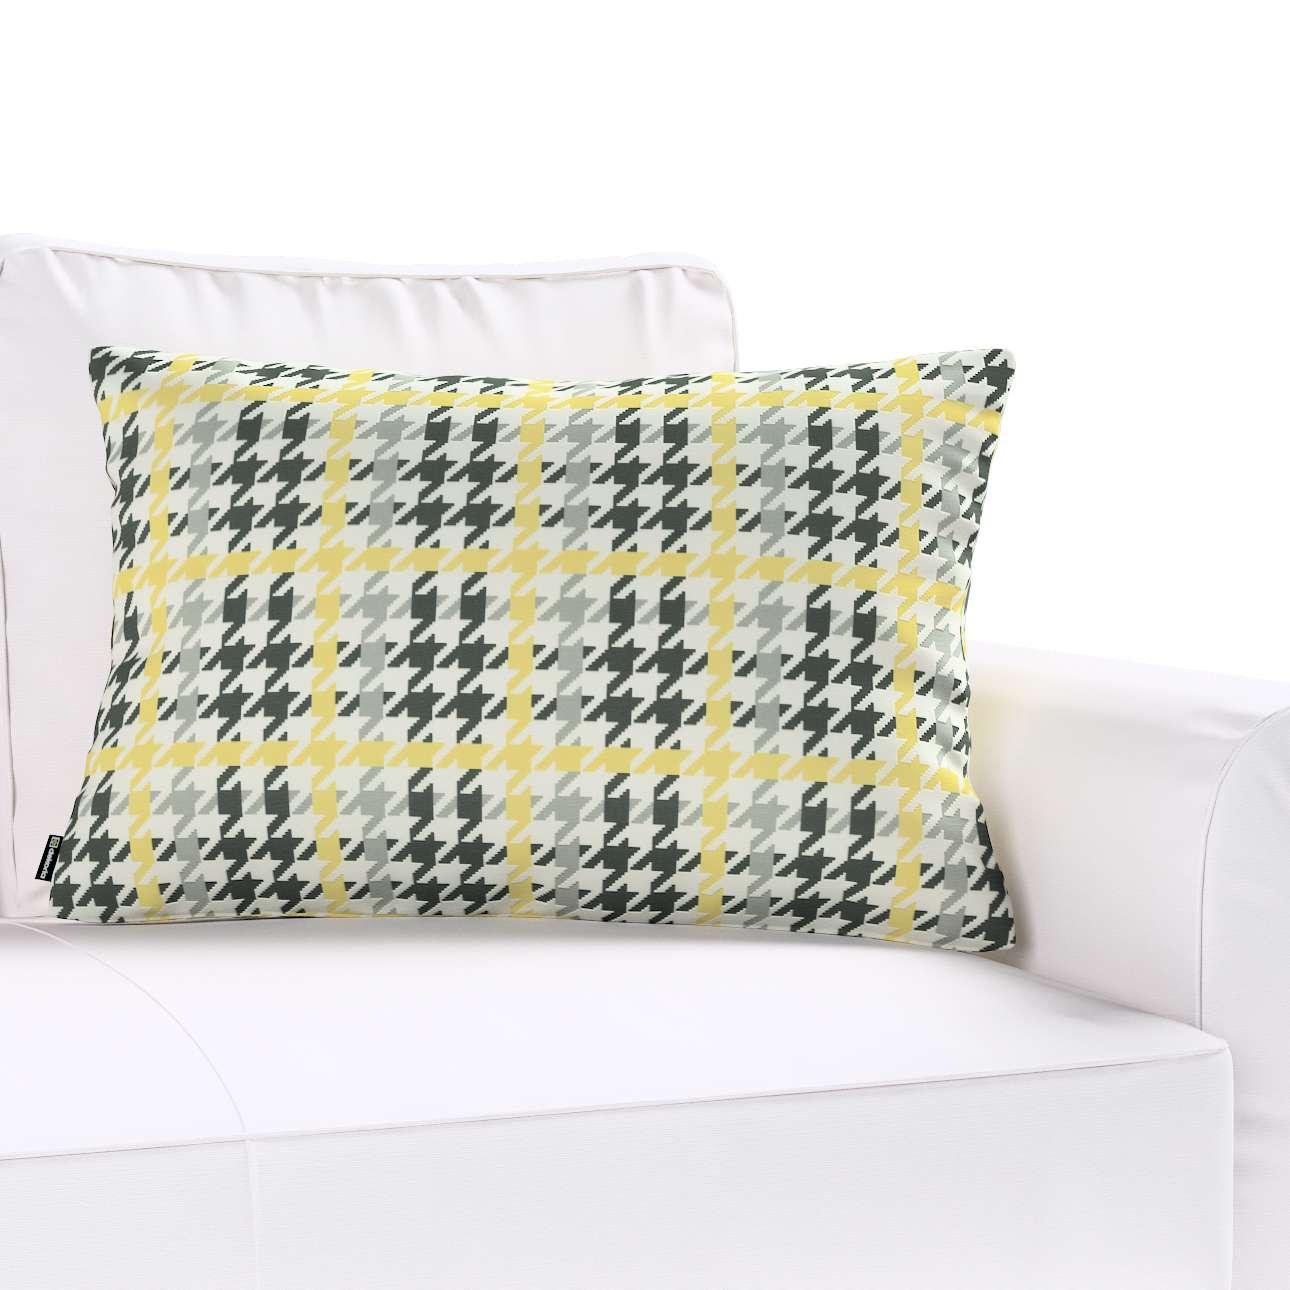 Kinga dekoratyvinės pagalvėlės užvalkalas 60x40cm 60x40cm kolekcijoje Brooklyn, audinys: 137-79